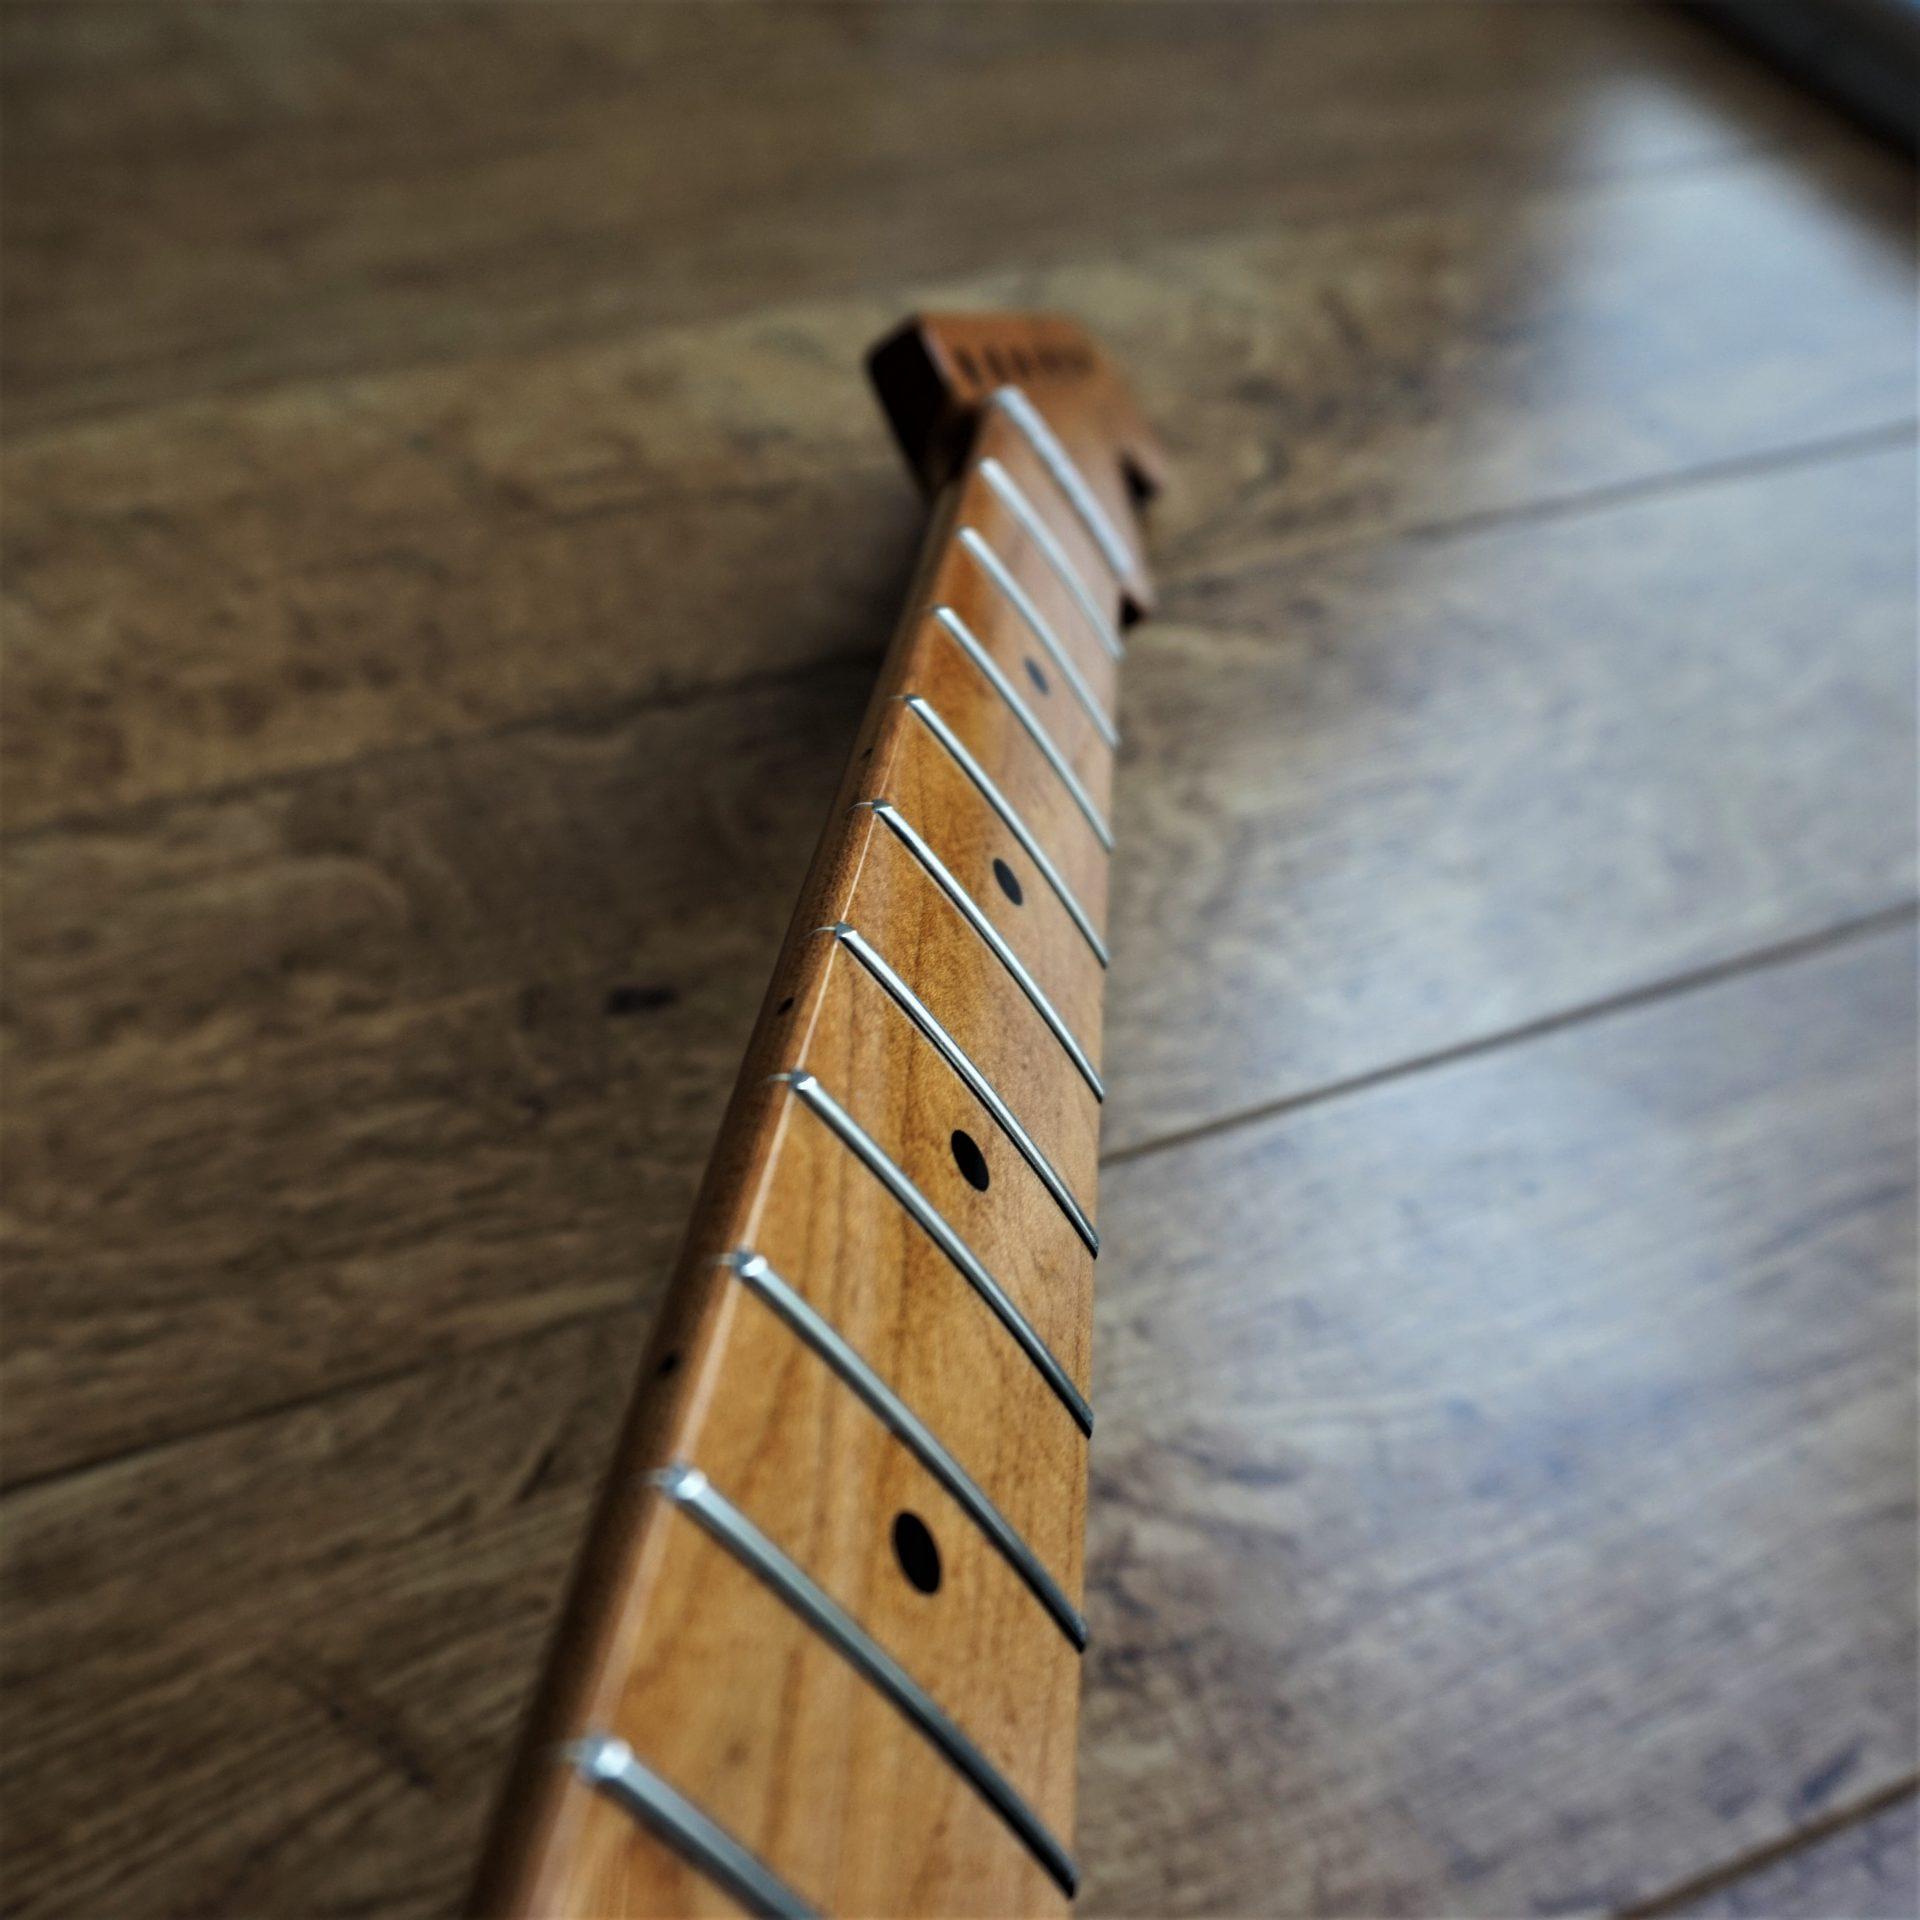 Maple Neck Strat : roasted maple strat stratocaster guitar neck torrefied baked ~ Hamham.info Haus und Dekorationen